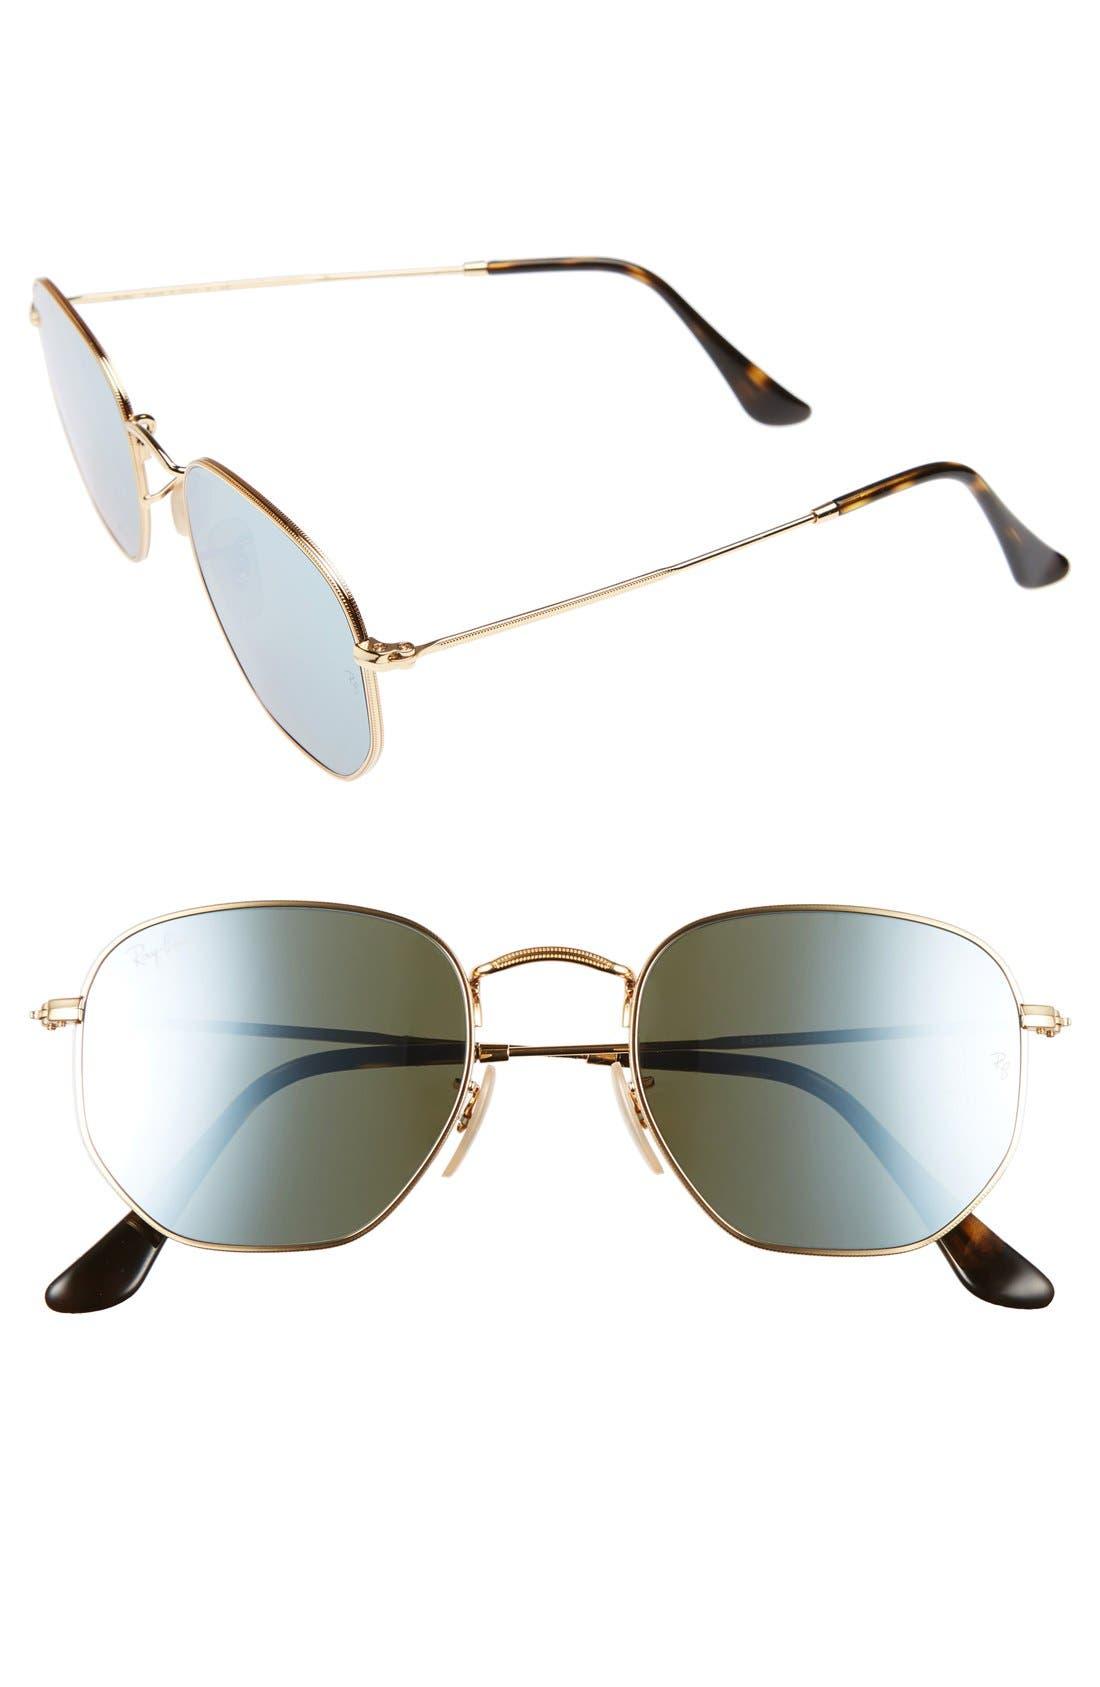 Main Image - Ray-Ban 51mm Sunglasses